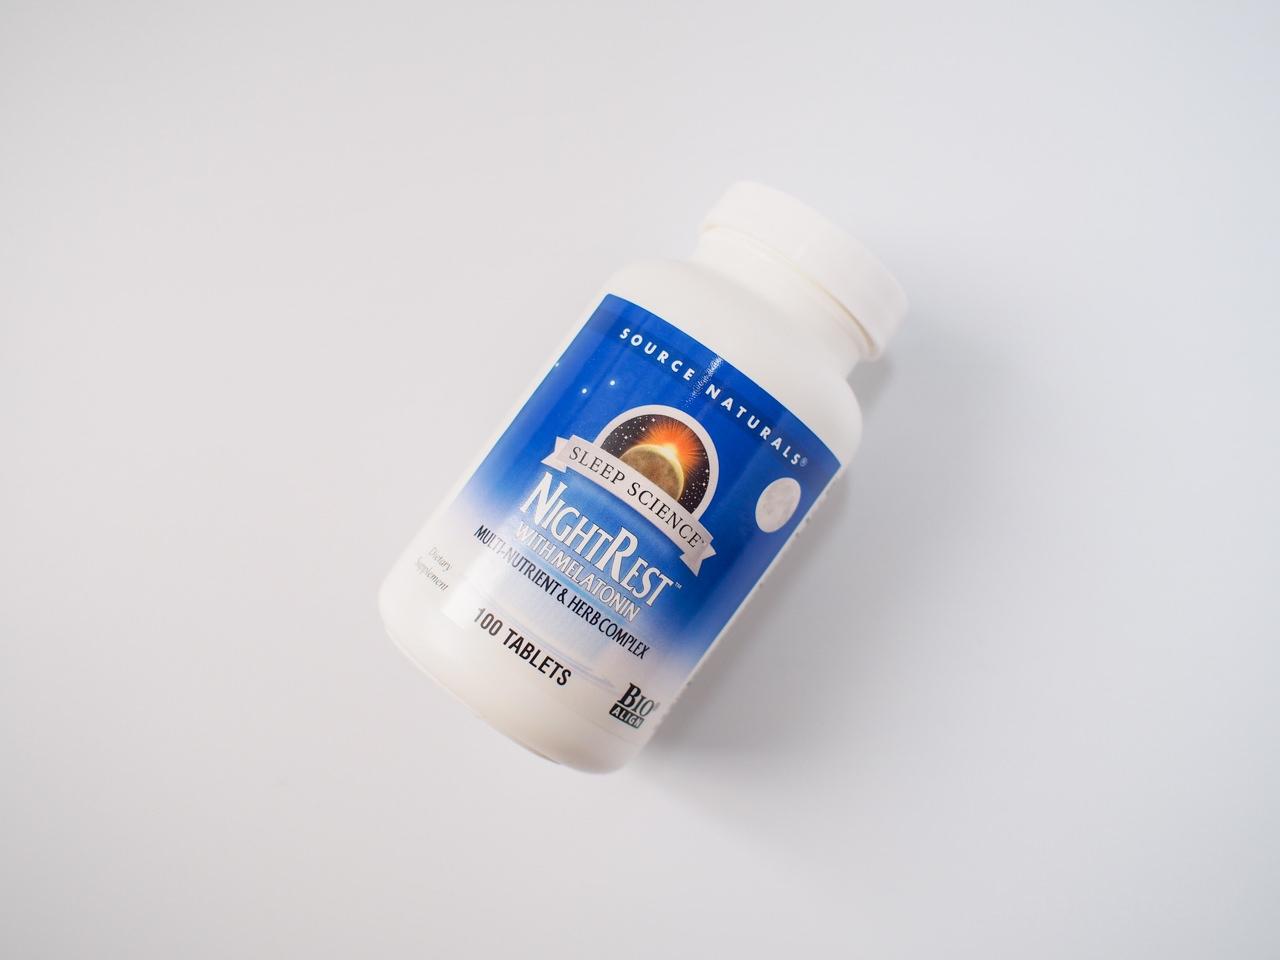 ナイトレストはメラトニンを含む睡眠サプリ